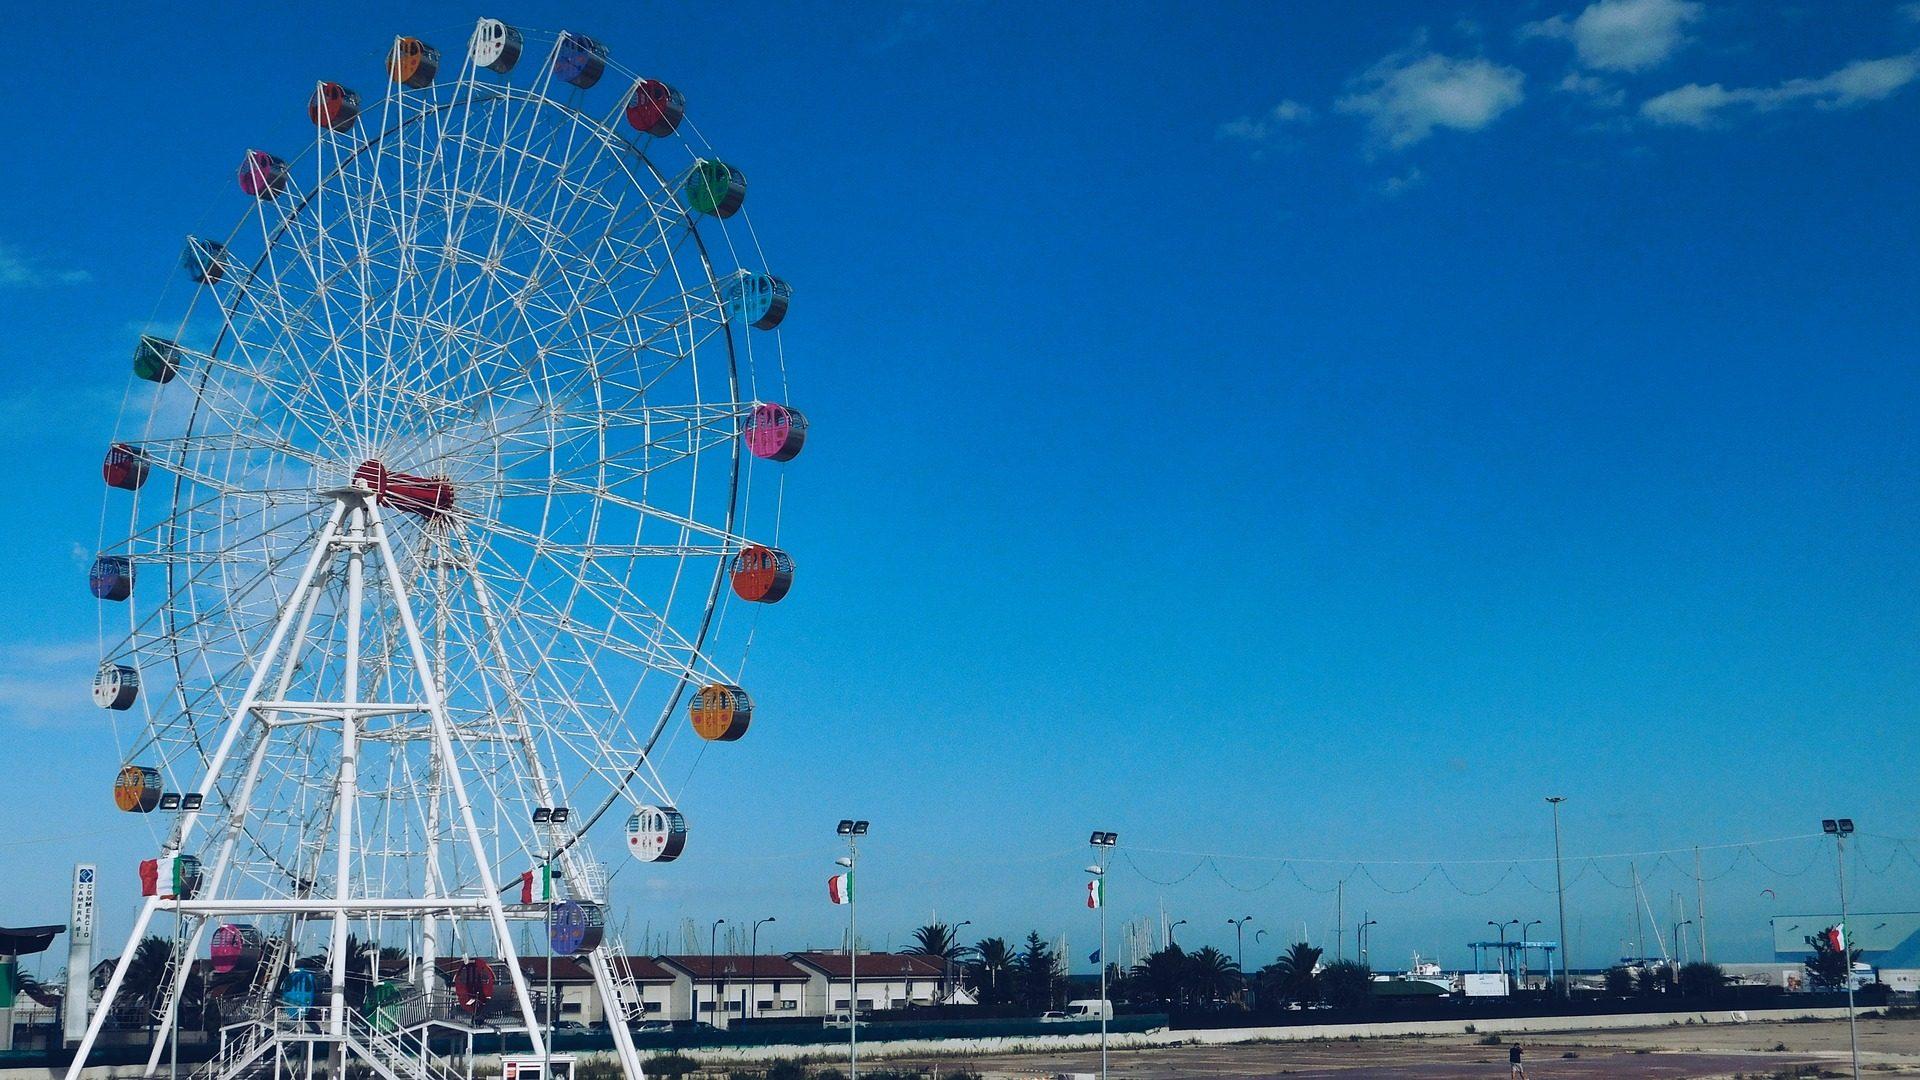 عجلة فيريس, عادل, جاذبية, السماء, إيطاليا - خلفيات عالية الدقة - أستاذ falken.com